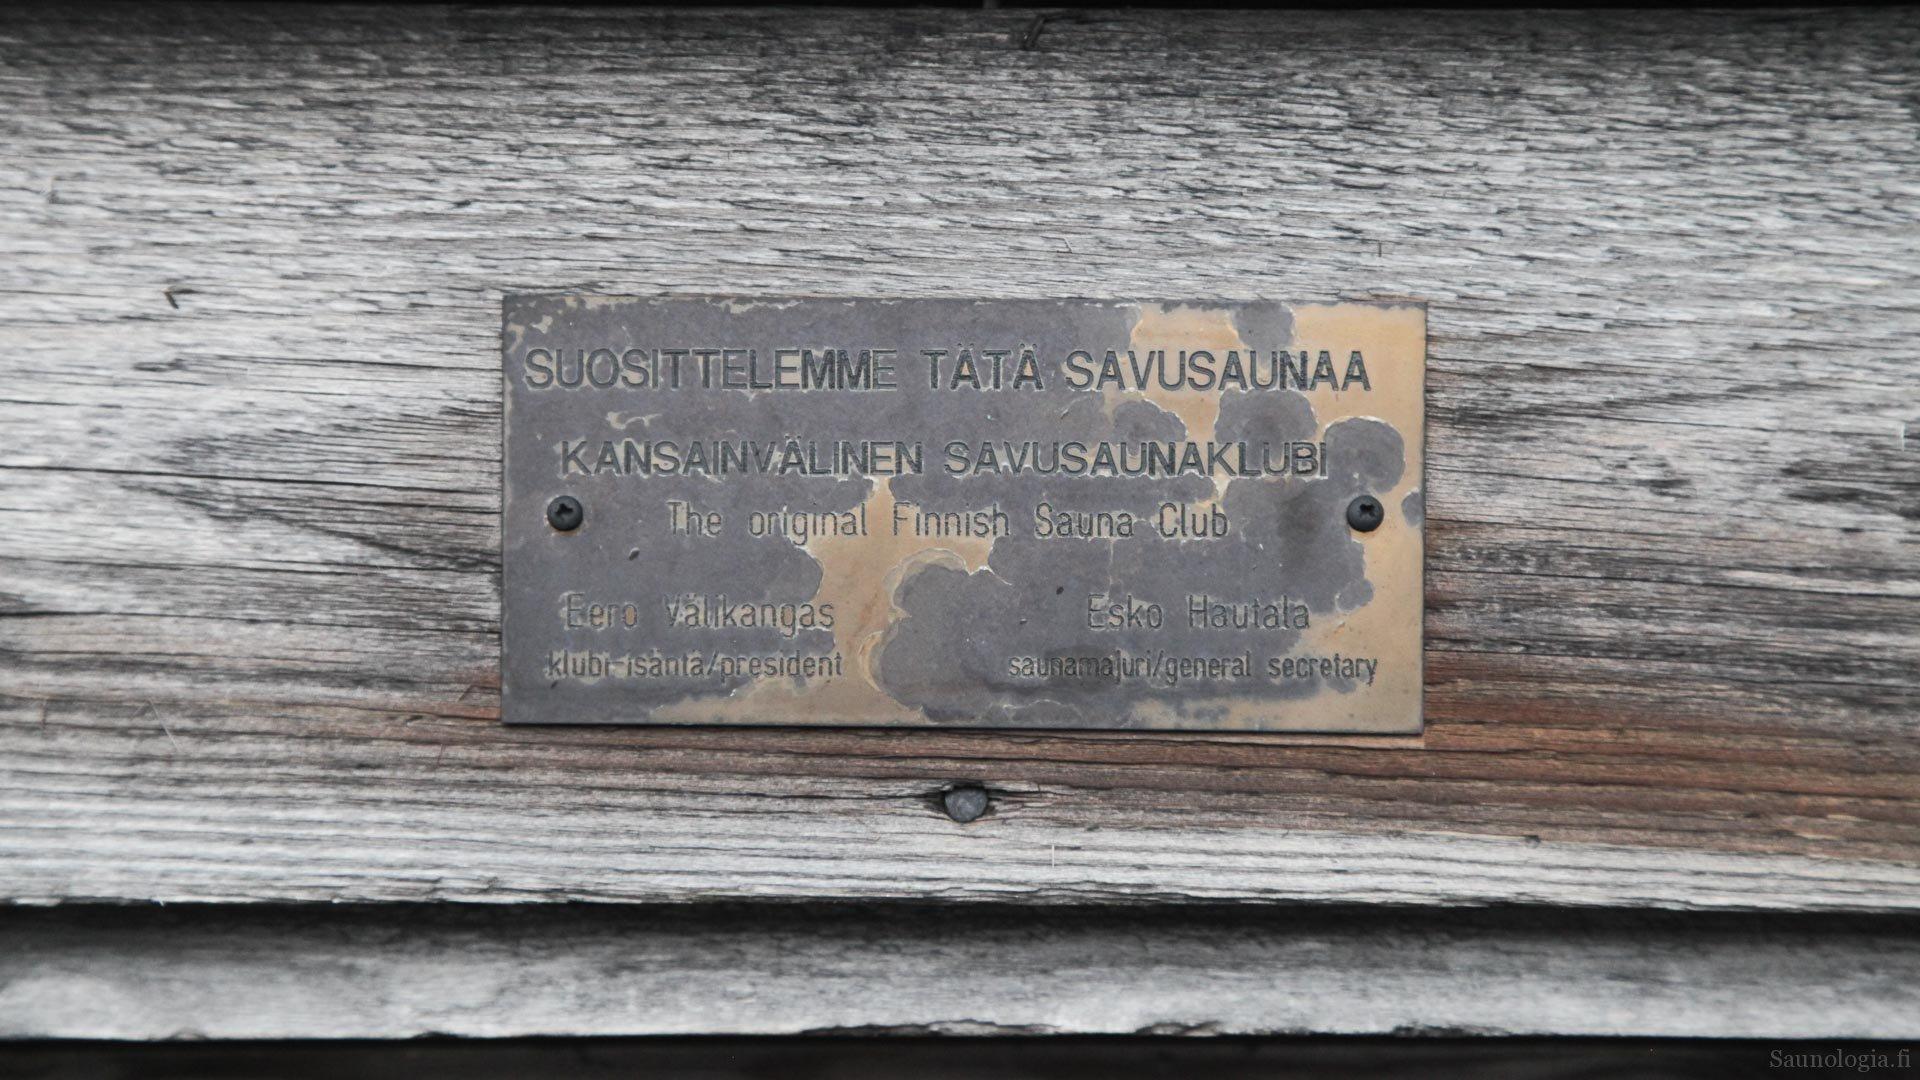 Kansainväinen savusauna klubin suosituslaatta vuosien takaa on edelleen oven karmissa